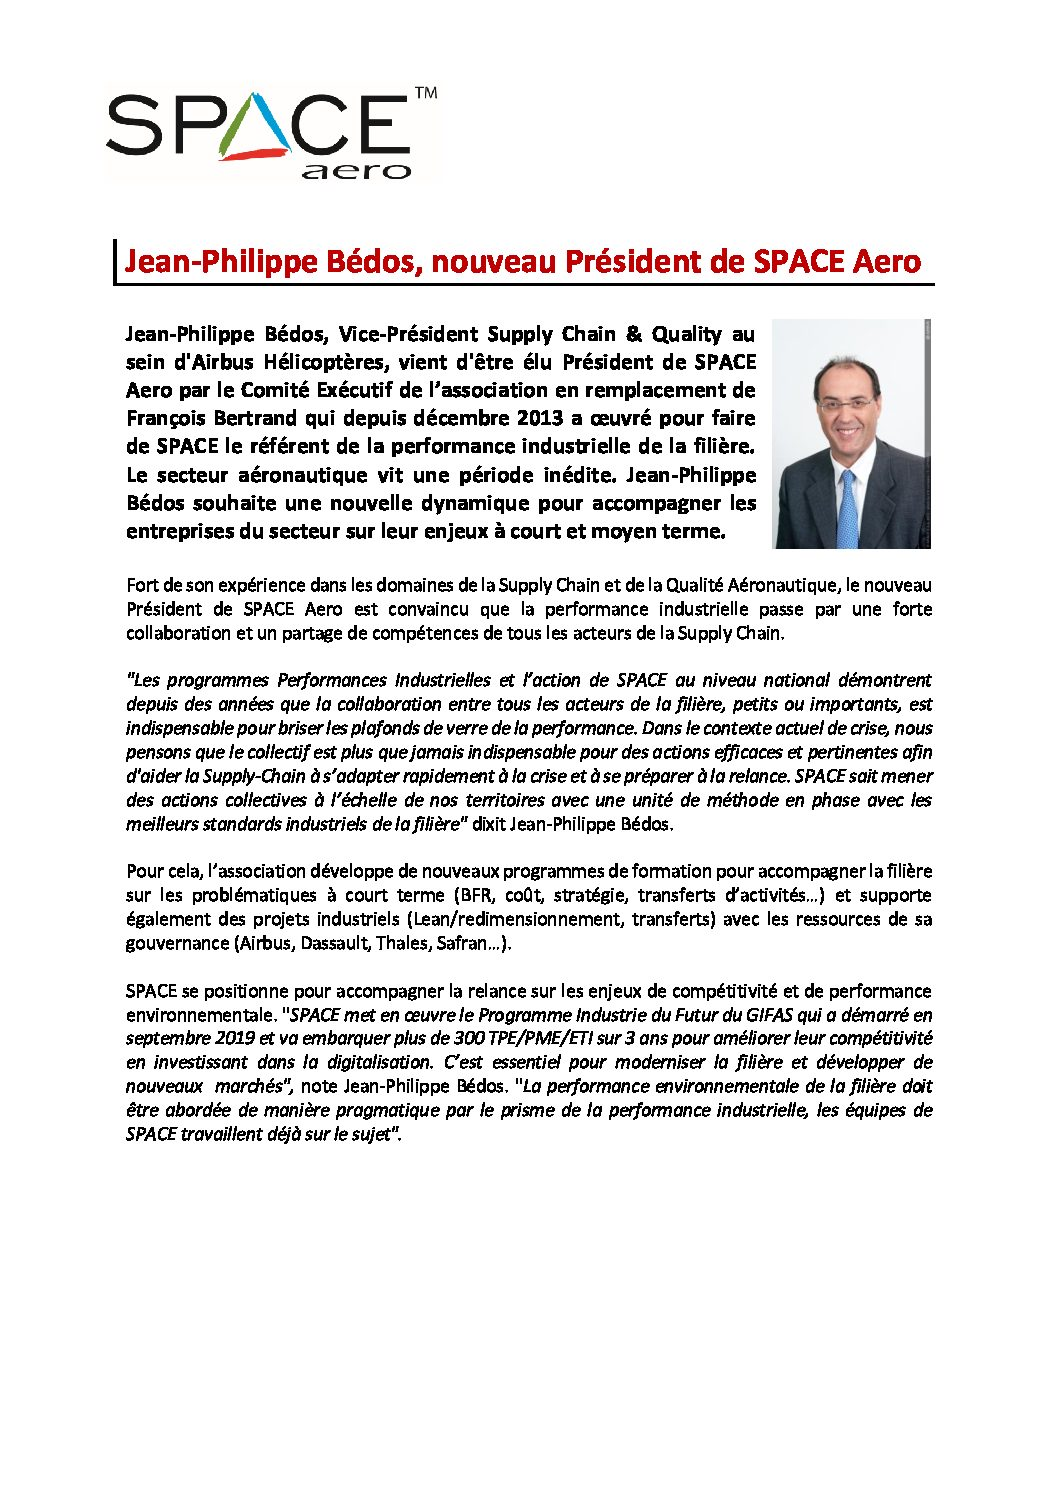 Communiqué De Presse : Le Nouveau Président De SPACE